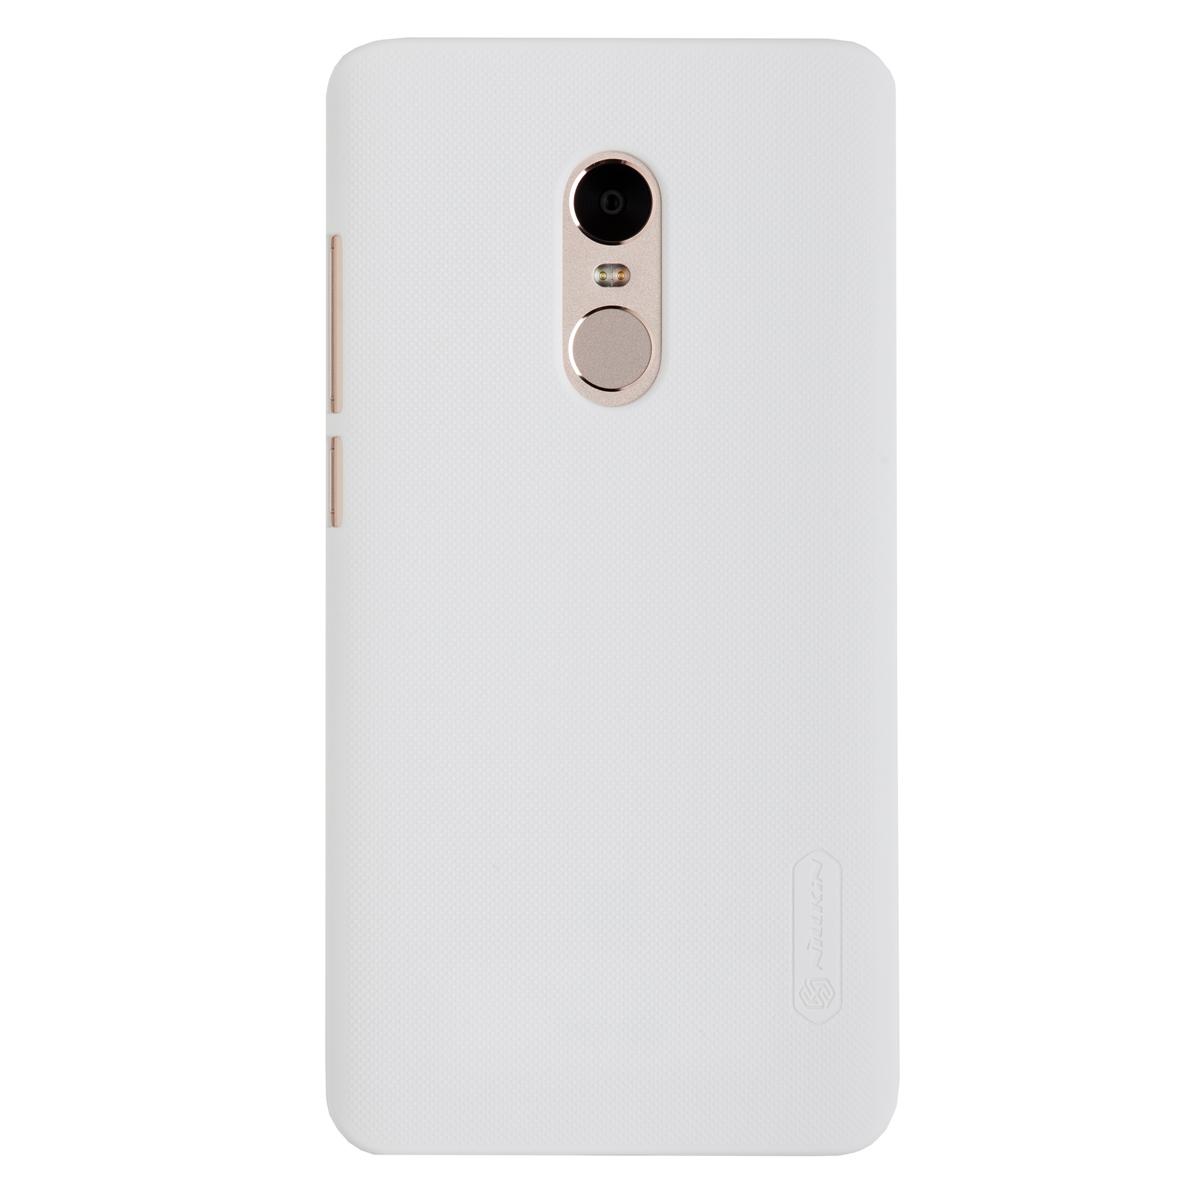 Купить Чехол для Redmi Note 4 бампер пластиковый Nillkin (Белый)